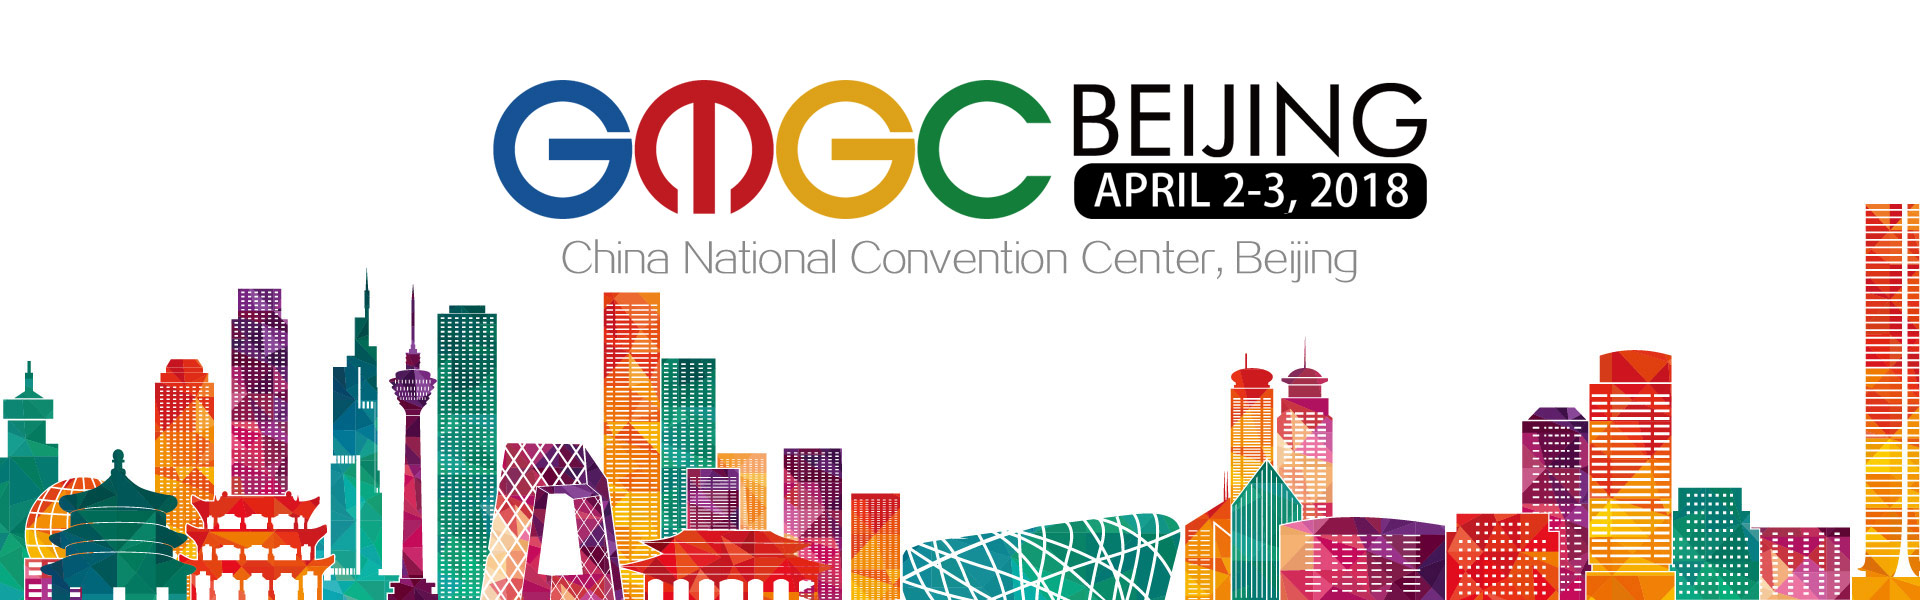 GMGC Beijing 2018